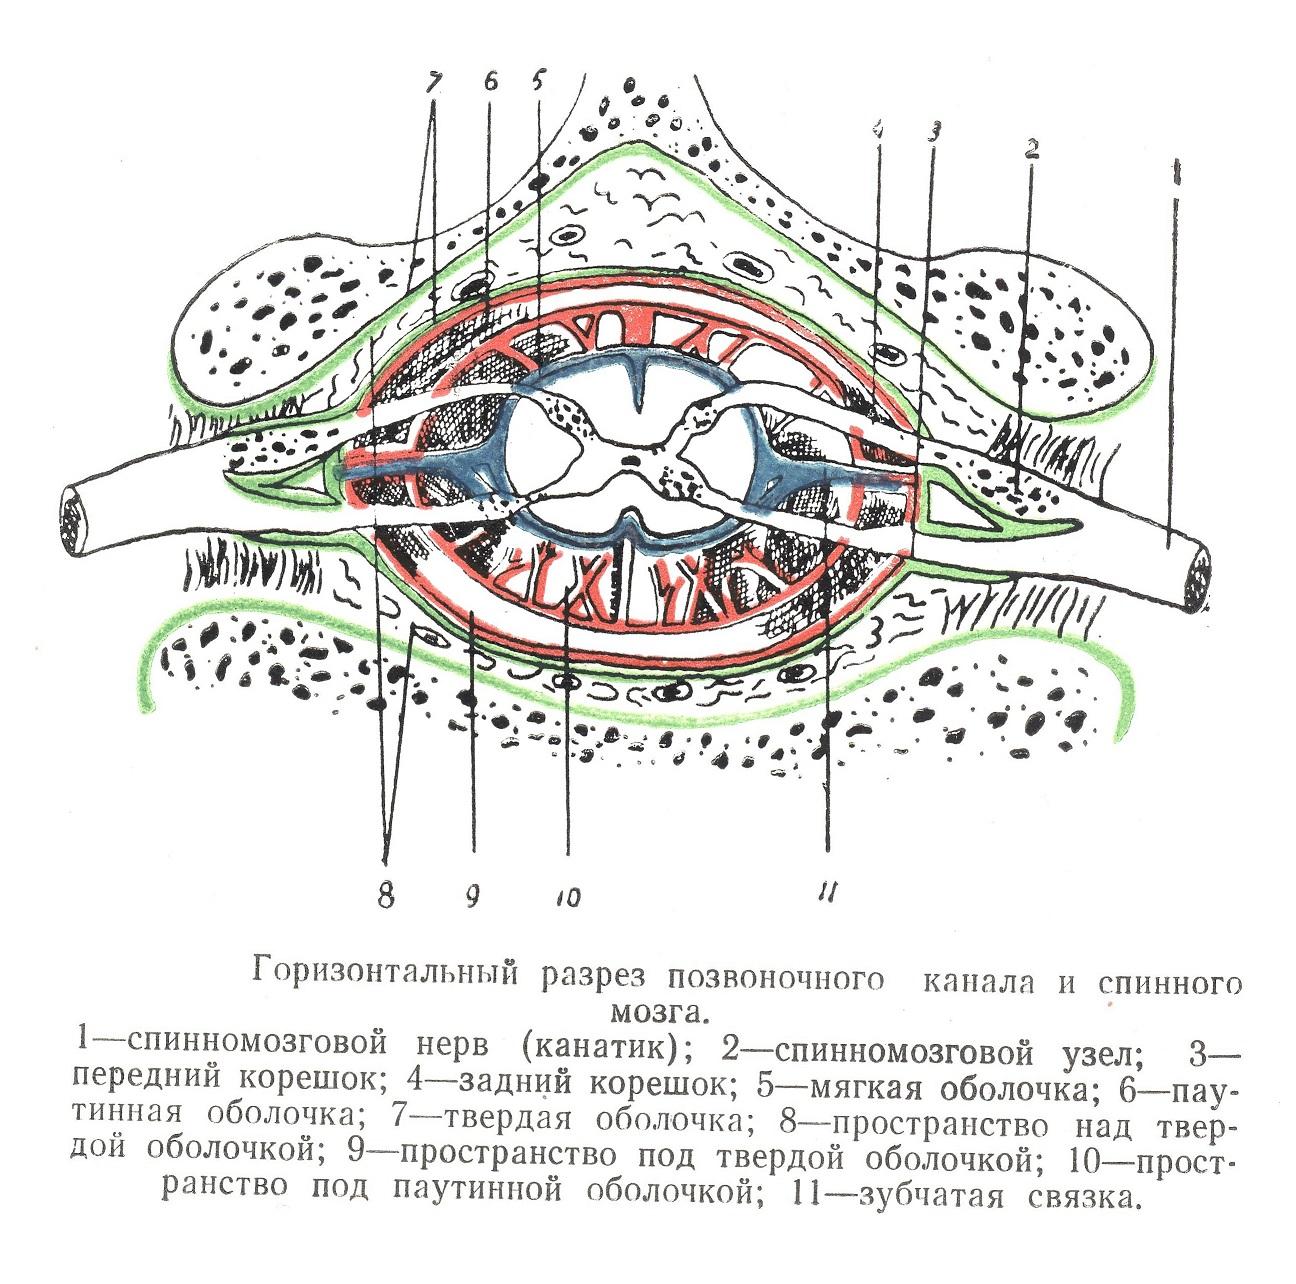 Горизонтальный разрез позвоночного канала и спинного мозга